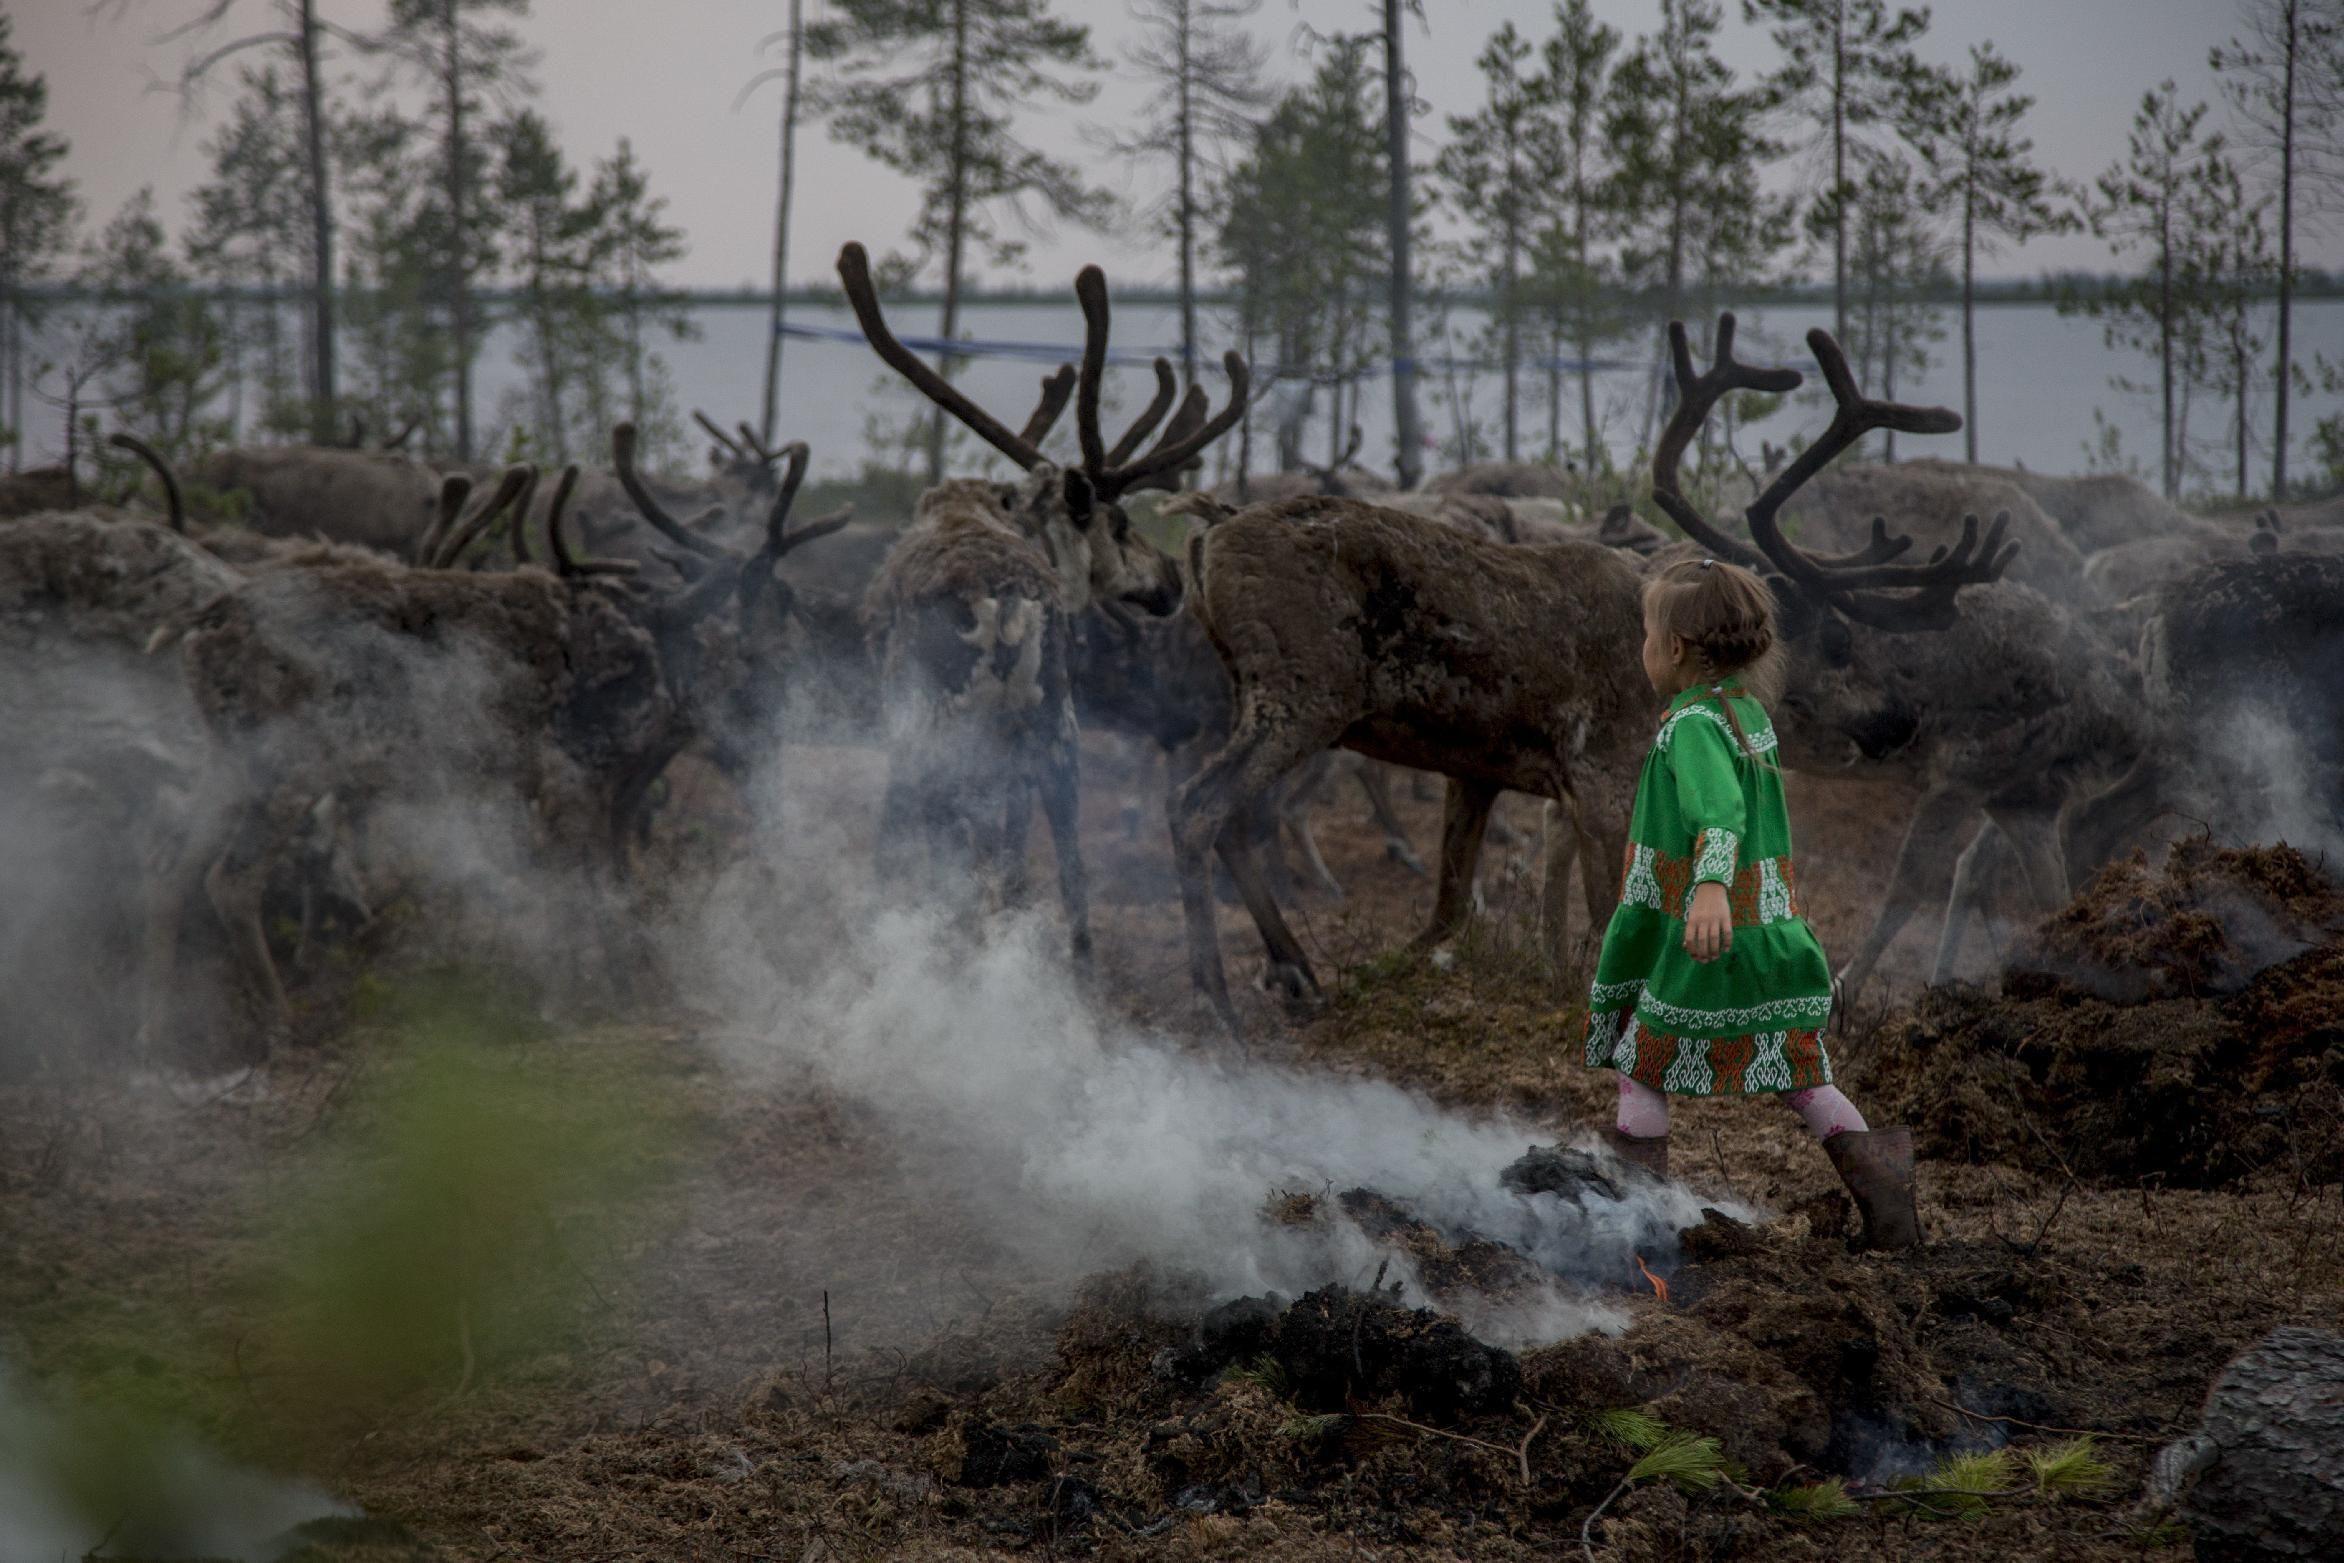 SALEKHARD, Rusia (AP) — Los indígenas que pastorean renos en la región de Yamal, en el norte de Rusia, una remota zona de Siberia donde las temperaturas suelen bajar de menos 50 grados Celsius en invierno, están familiarizados con los caprichos de la naturaleza.